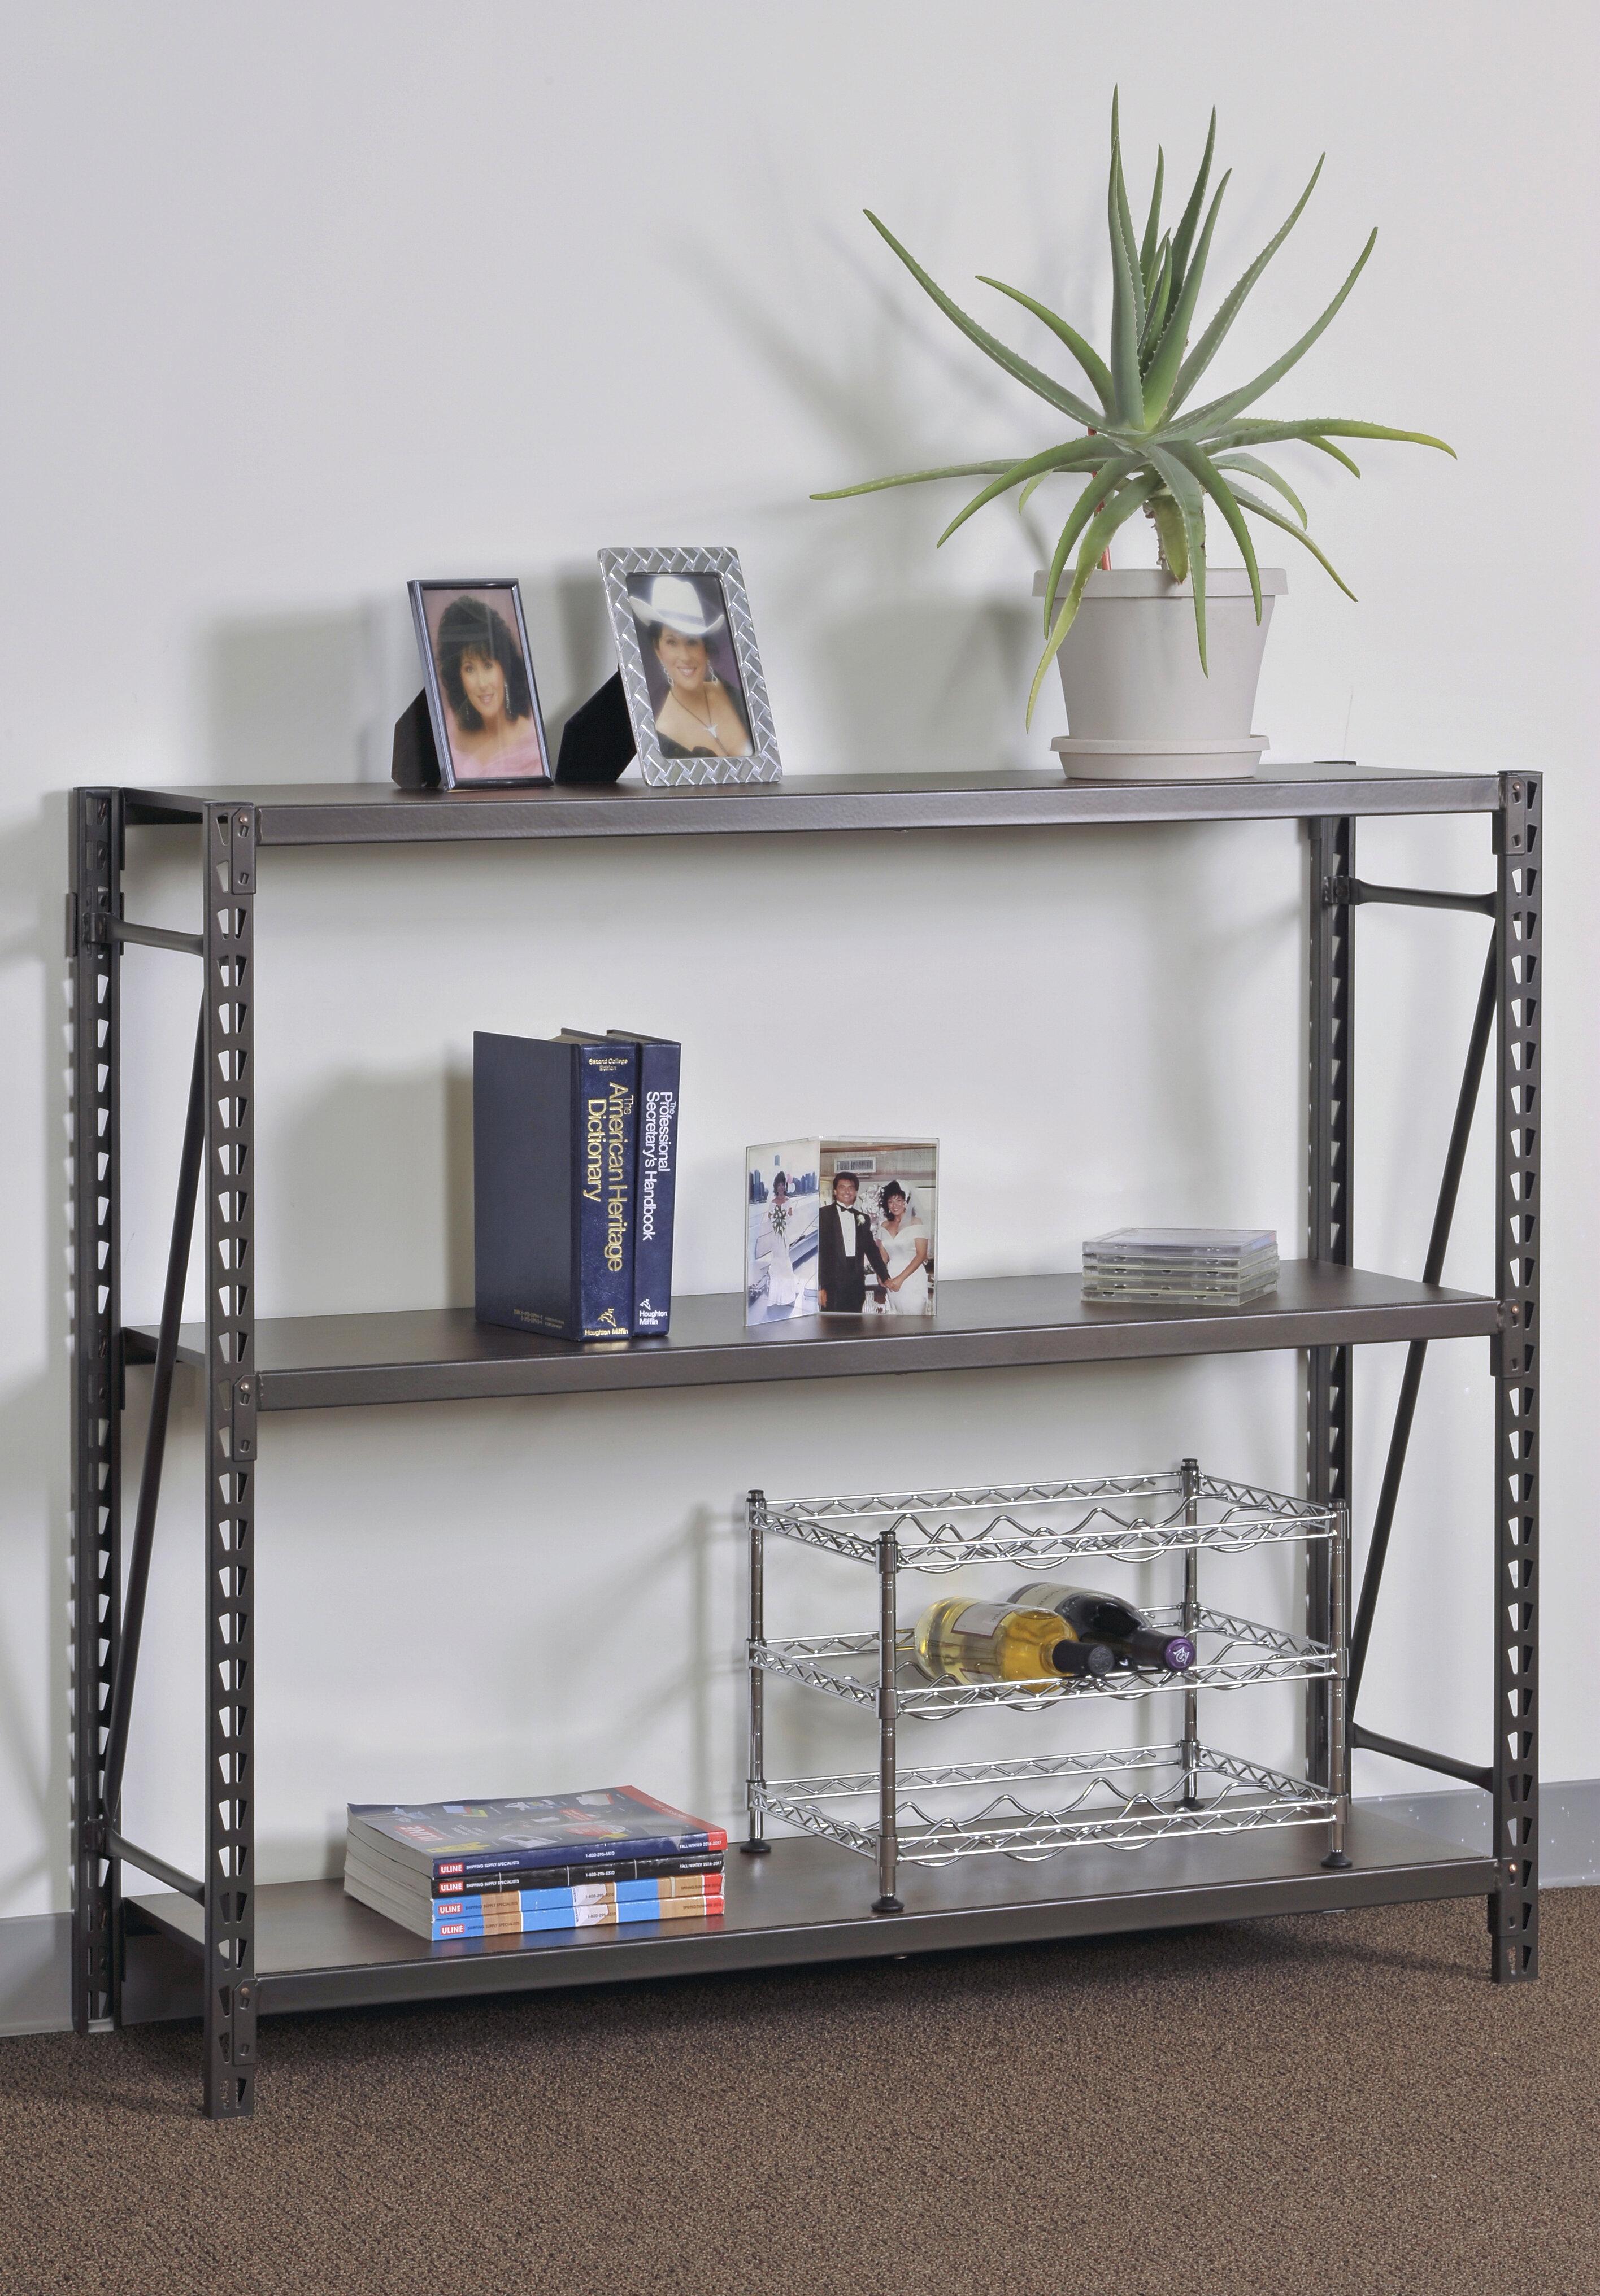 Sandusky 42 h x 48 w 3 shelves steel commercial decorative shelving unit wayfair